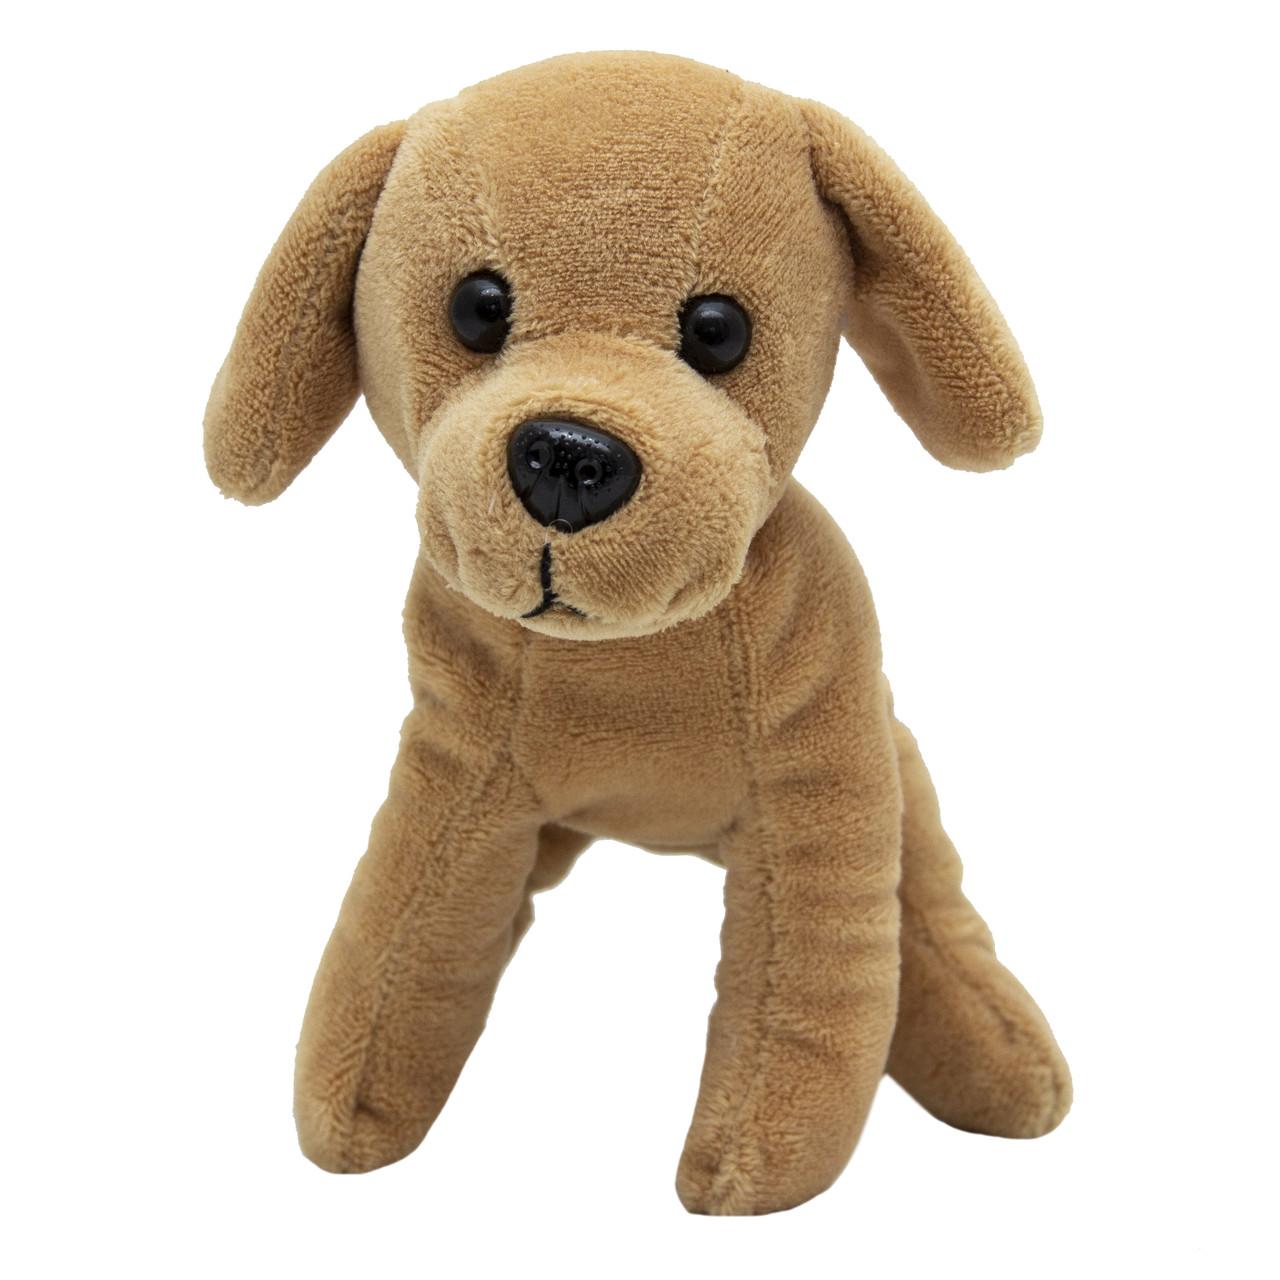 М'яка іграшка Щеня, 15 см, коричневий (M1307215-4)